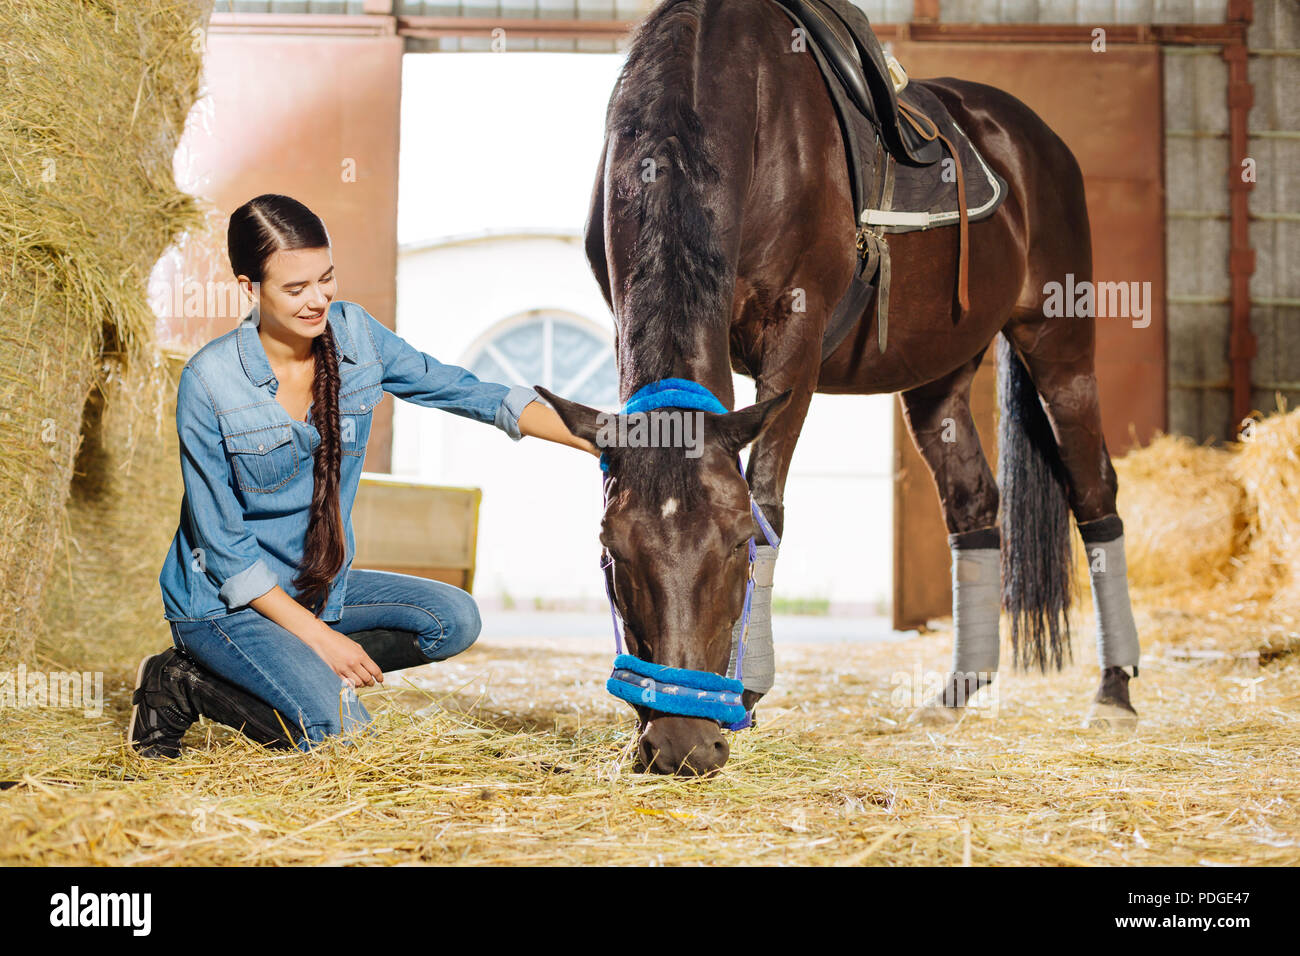 Trasmissione via IR di dai capelli scuri pilota femmina visitando il suo bel cavallo Immagini Stock